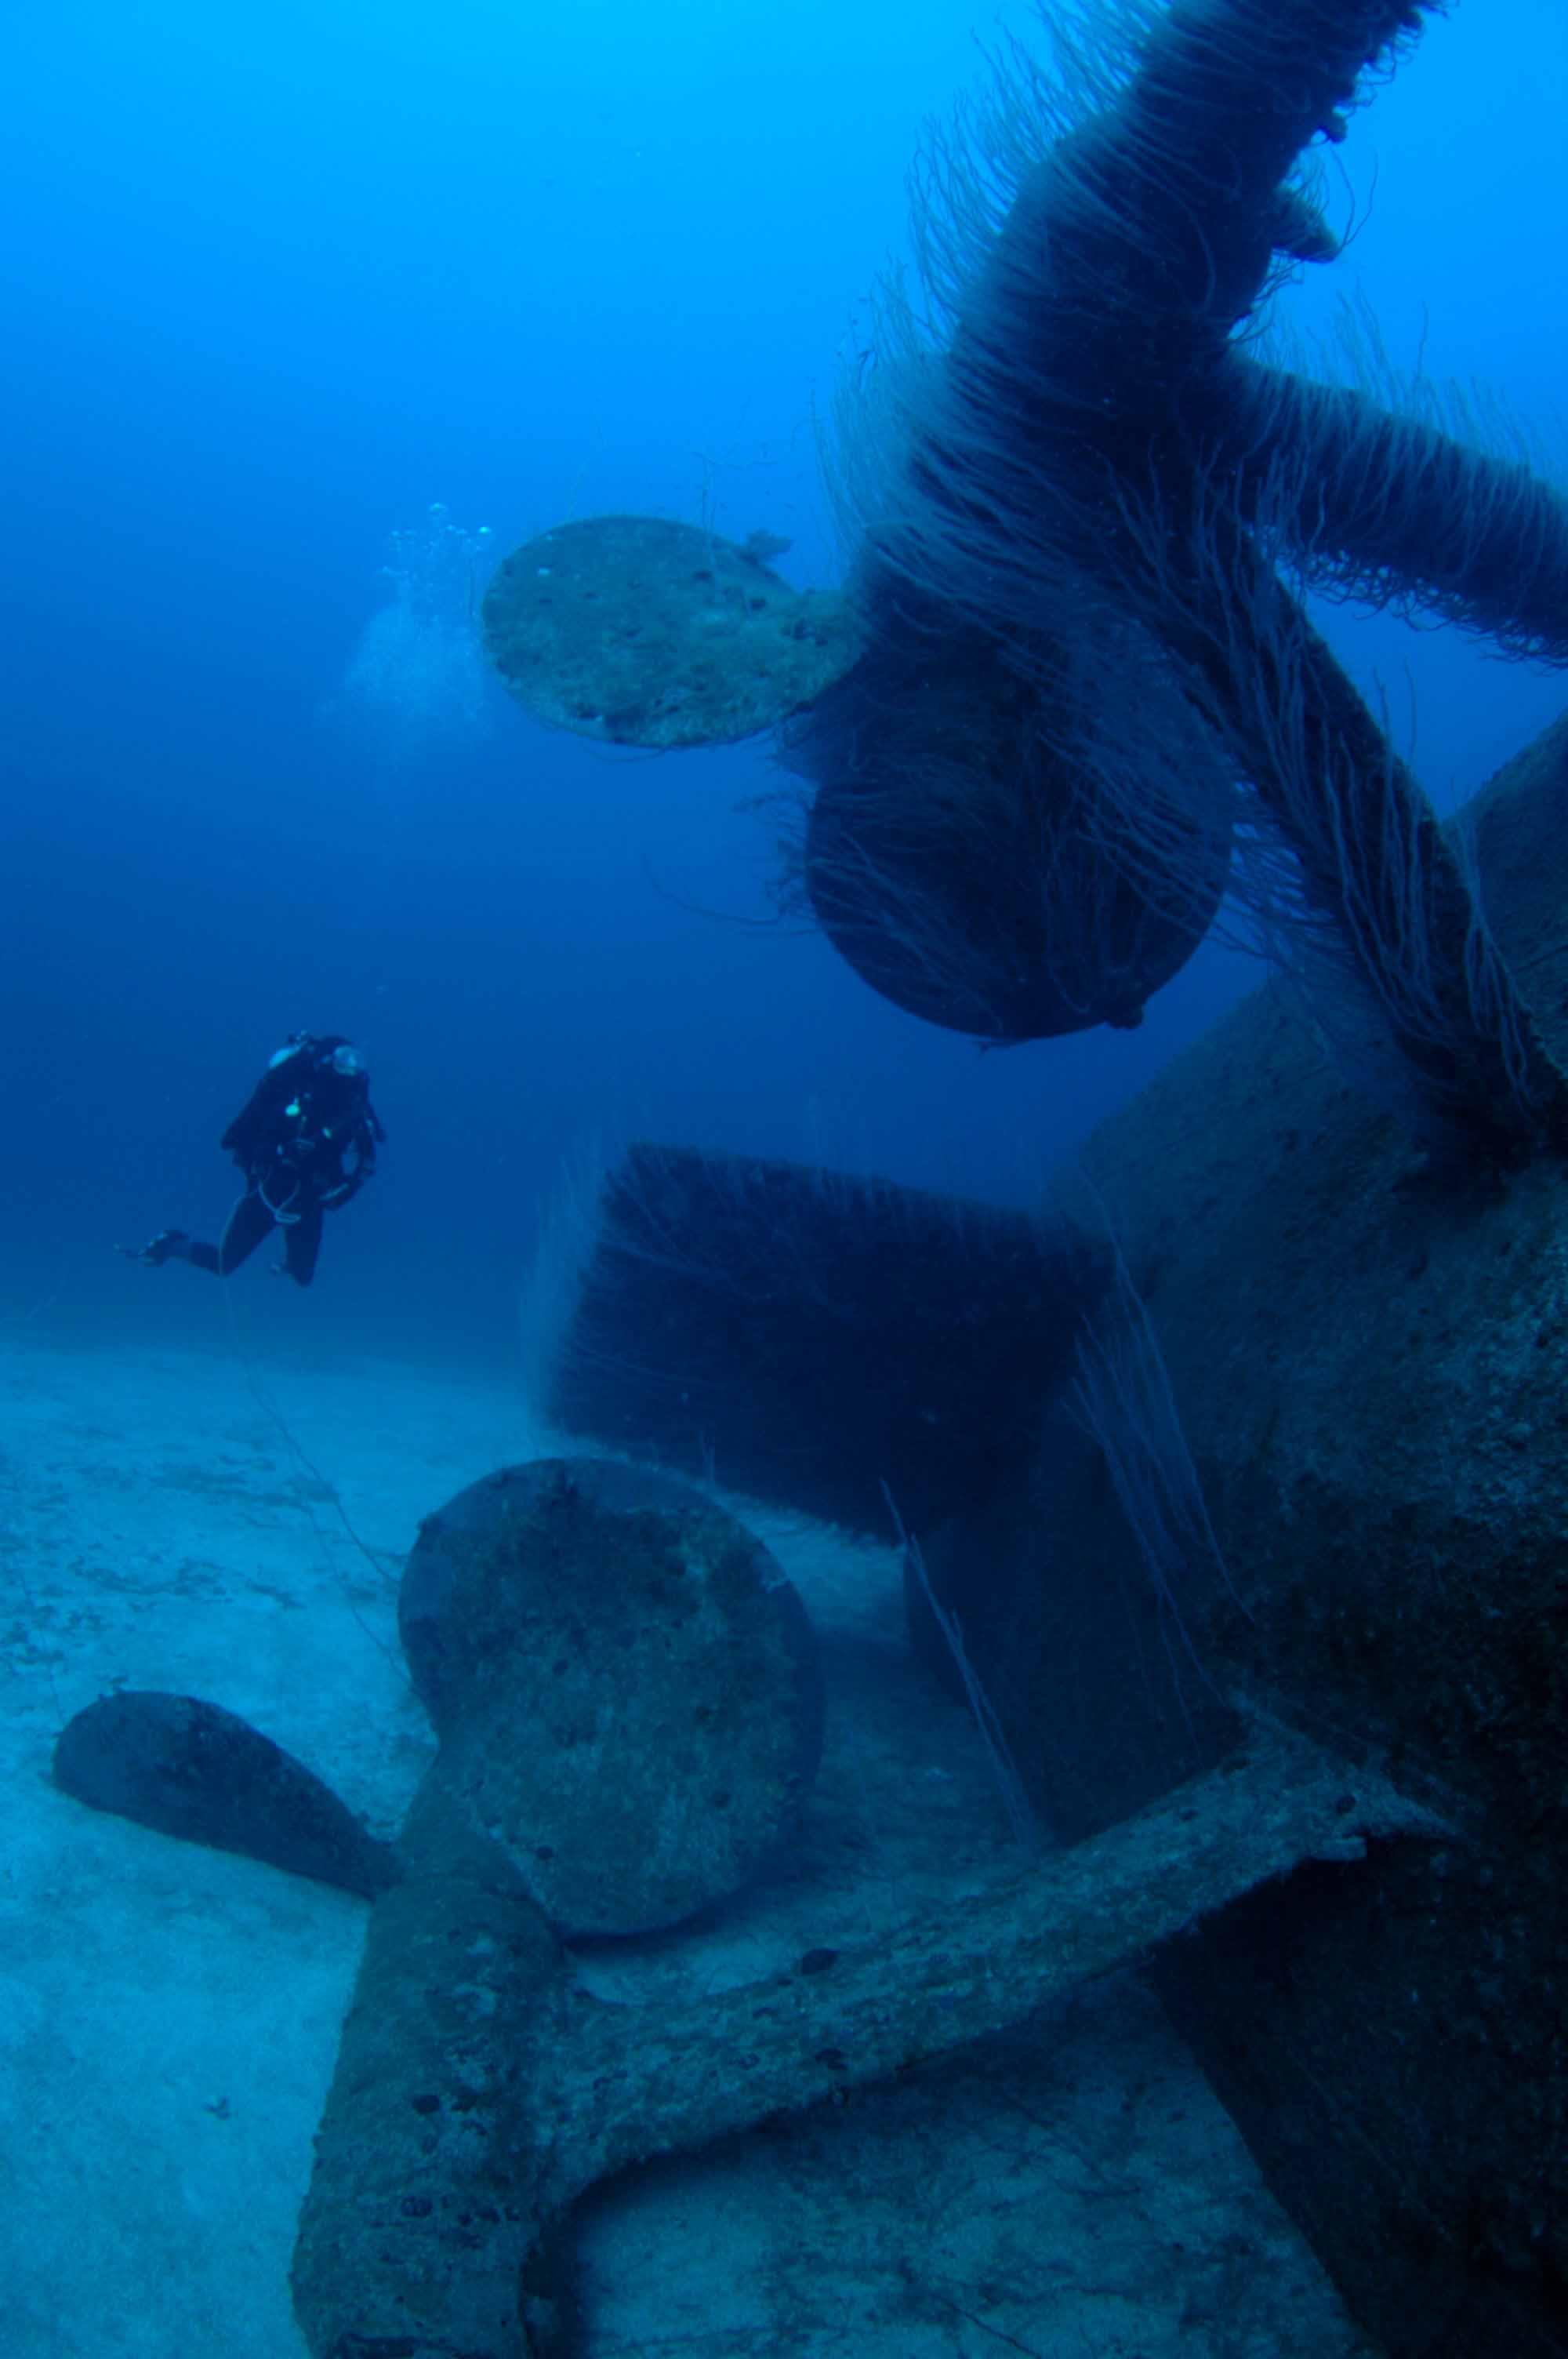 Tri Mix Scuba Diving : Trimix diver gotham divers